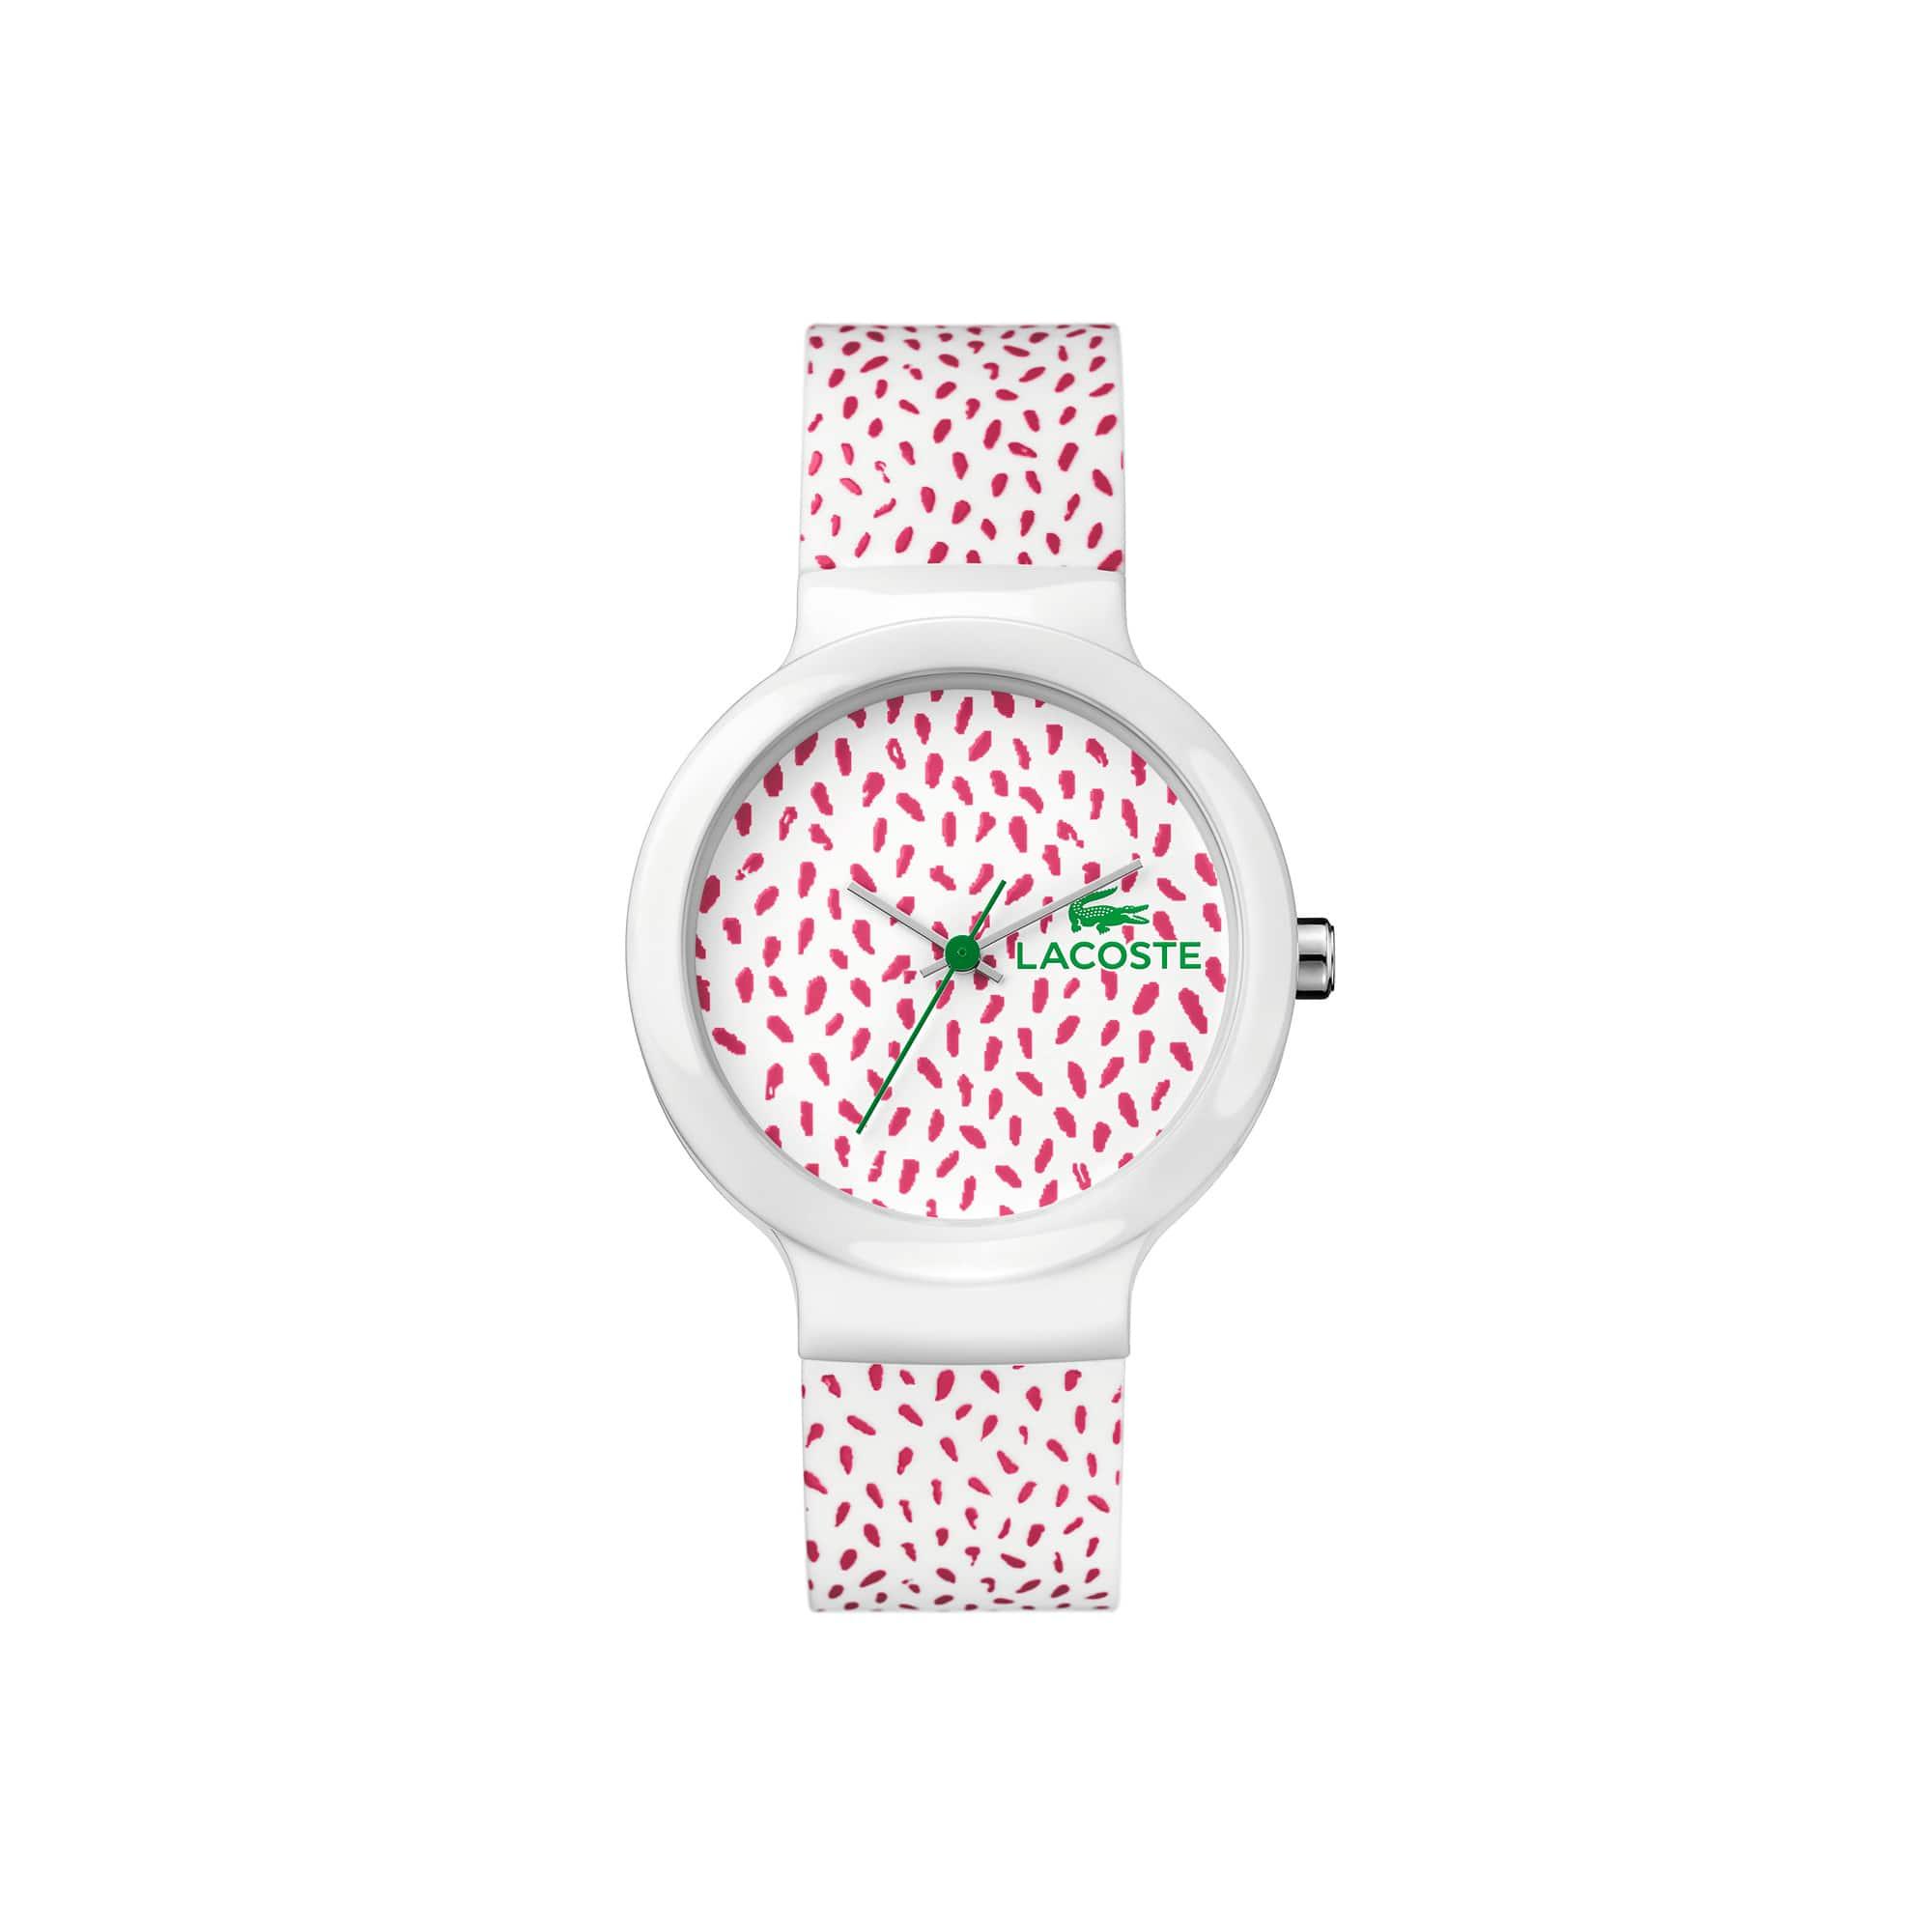 Relógio Goa com pulseira de silicone